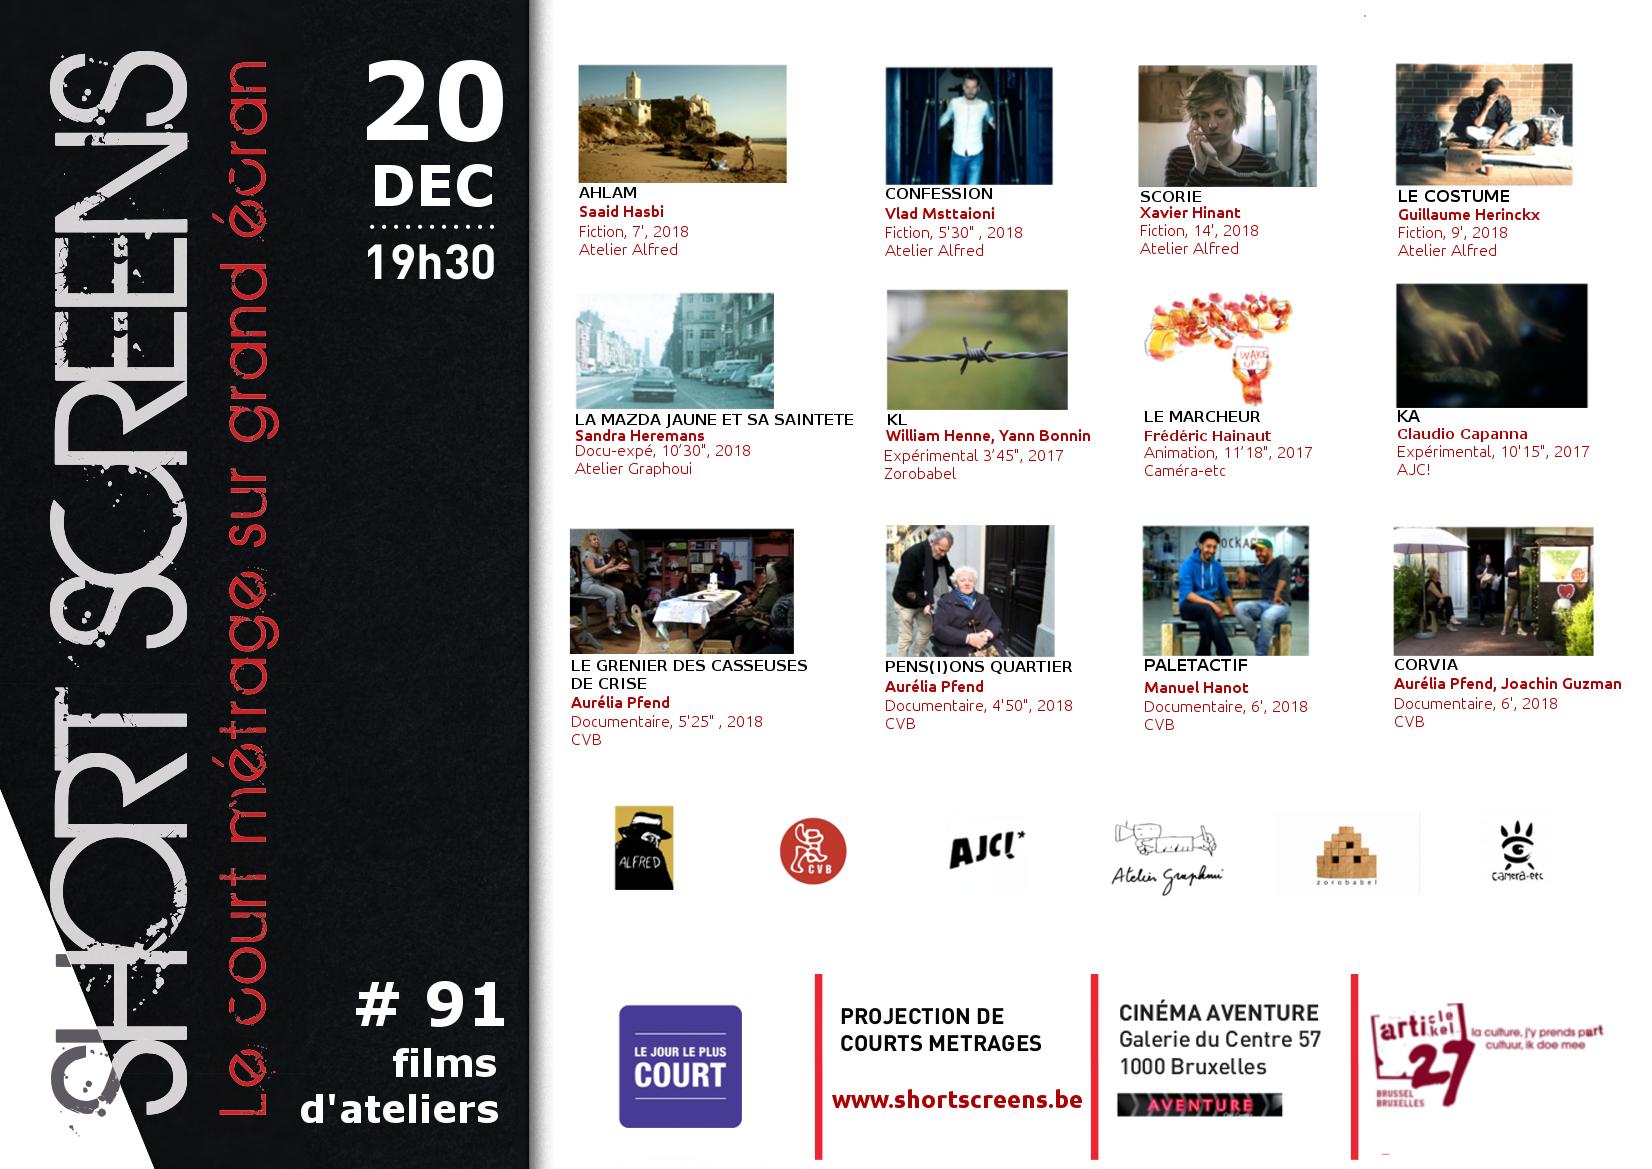 A3- 91 Jour le plus court films d'ateliers